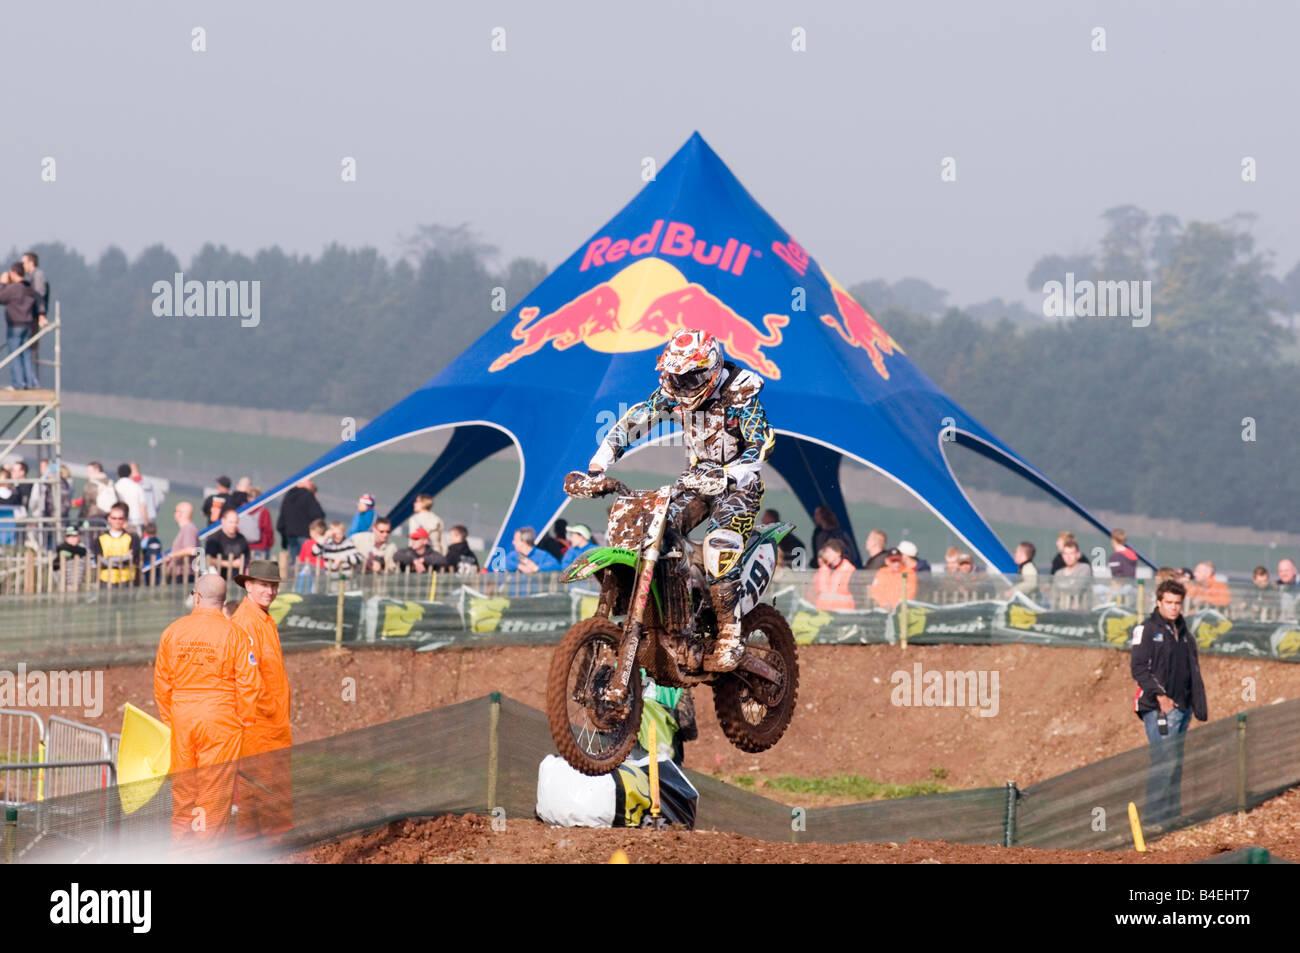 Sponsor Red Bull gesponserten Veranstaltung extreme Sport Sponsoring Aktion Aufregung spannende Motocross Motocross Stockbild